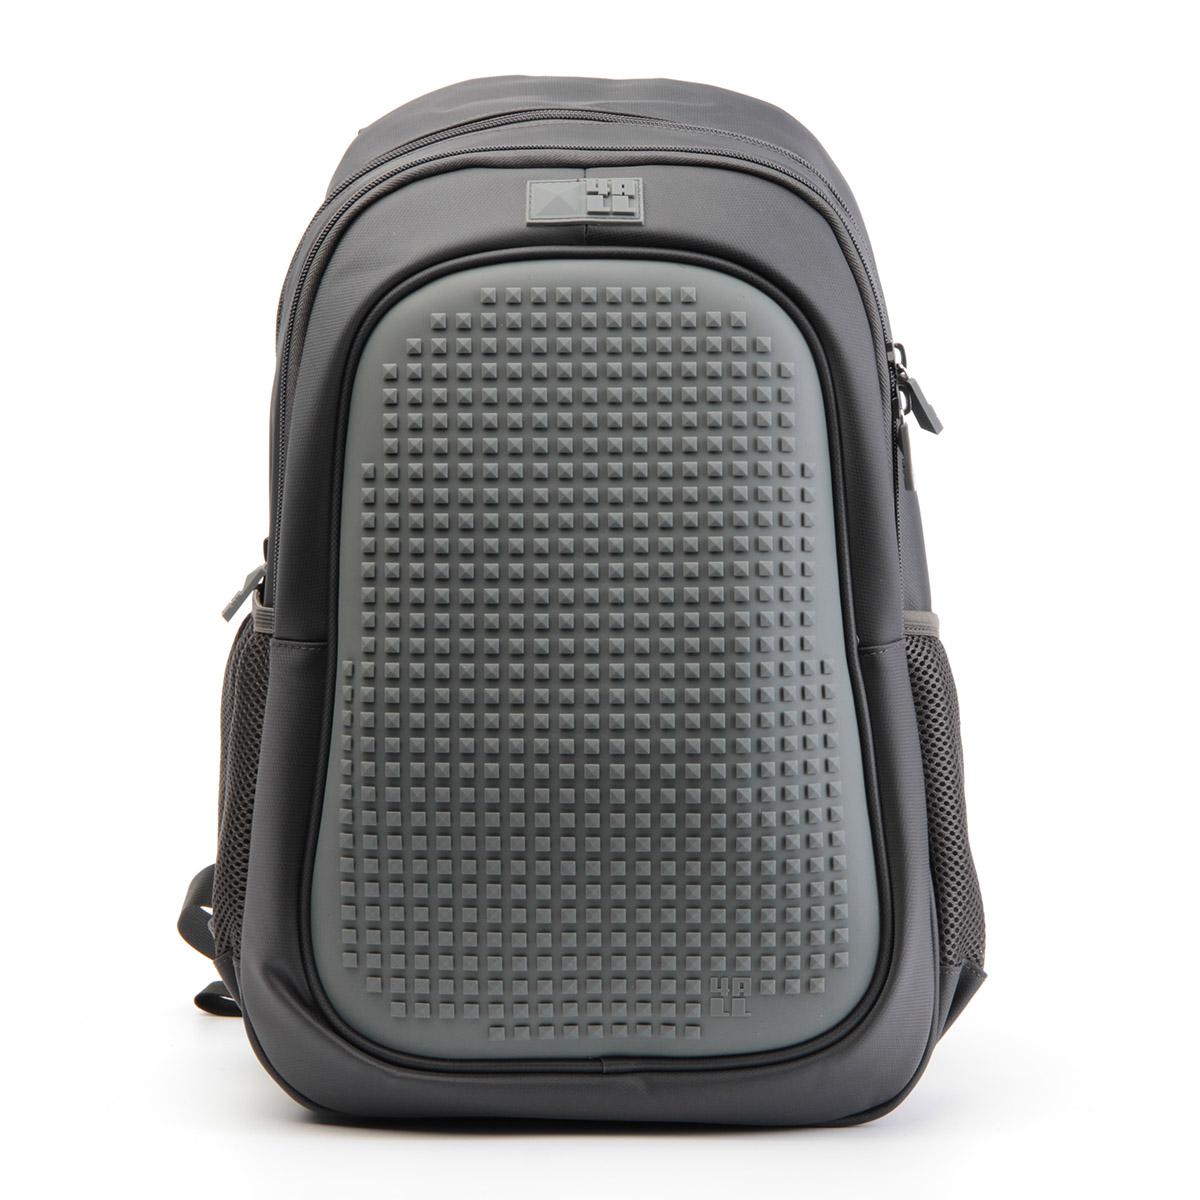 4ALL Рюкзак для мальчиков Case цвет темно-серыйRT63-04Рюкзак бренда 4ALL - это одновременно яркий, функциональный школьный аксессуар и площадка для самовыражения. Заботясь о Вашем комфорте, удобстве и творческом развитии мы создали уникальные рюкзаки CASE с силиконовой панелью и разноцветные мозаичные БИТЫ с помощью которых на рюкзаке можно создавать графические шедевры хоть каждый день! Наш рюкзак является не только помощником в переносе грузов, но и настоящей интерактивной площадкой! Благодаря силиконовой панели и пикселям он может информировать и транслировать любые Ваши художественные опыты!Особенности:AIR COMFORT system:- Система свободной циркуляции воздуха между задней стенкой рюкзака и спиной ребенка.ERGO system:- Разработанная нами система ERGO служит равномерному распределению нагрузки на спину ребенка. Она способна сделать рюкзак, наполненный учебниками, легким. ERGO служит сохранению правильной осанки и заботится о здоровье позвоночника!А также:- Гипоаллергенный силикон;- Водоотталкивающие материалы;- Устойчивость всех материалов к температурам воздуха ниже 0!Дополнительная информация:- Рюкзак уже содержит 1 упаковку пикселей-битов 4-х цветов (200 шт).